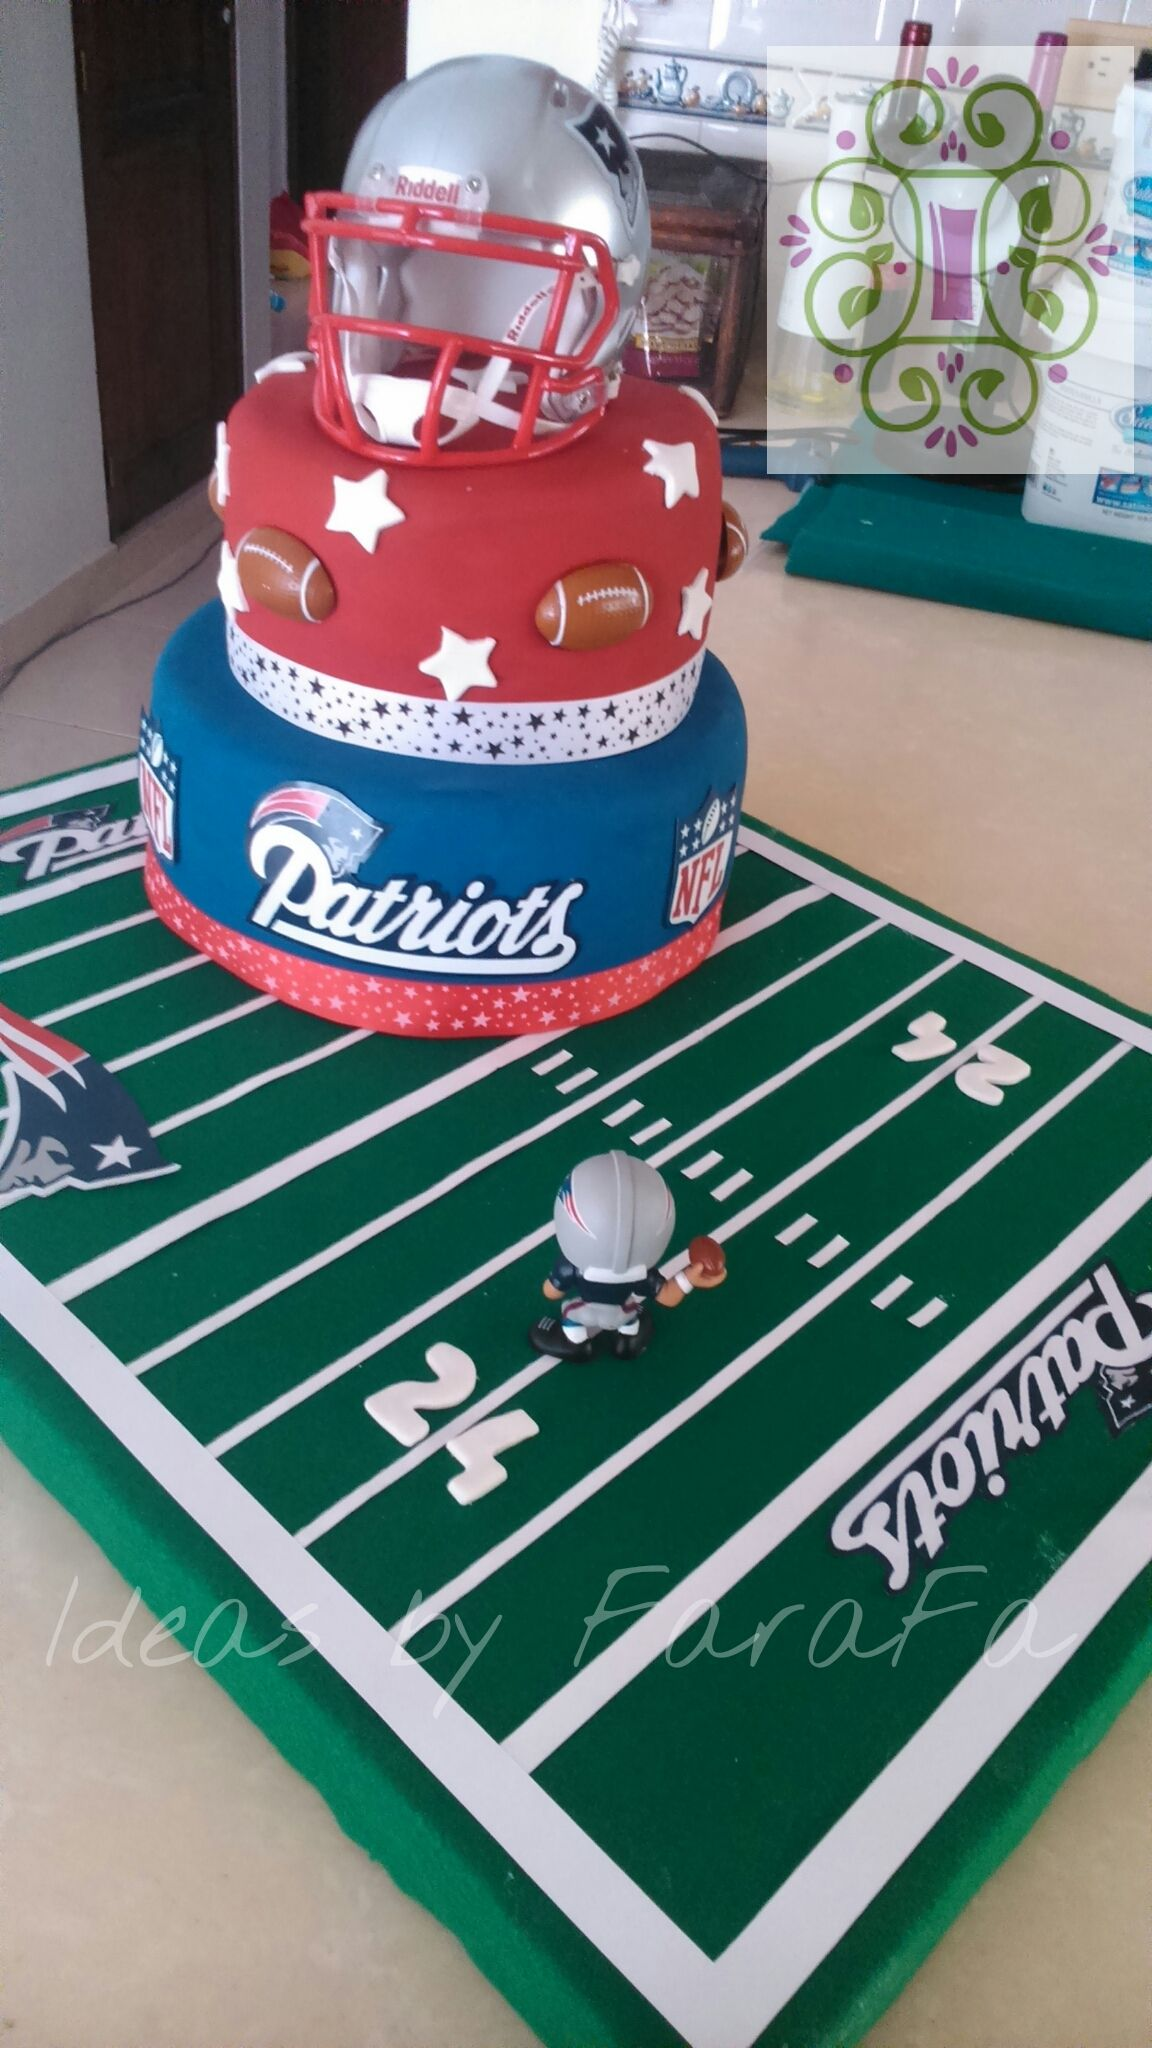 New England Patriots cake ver en Ideas by FaraFa en Facebook